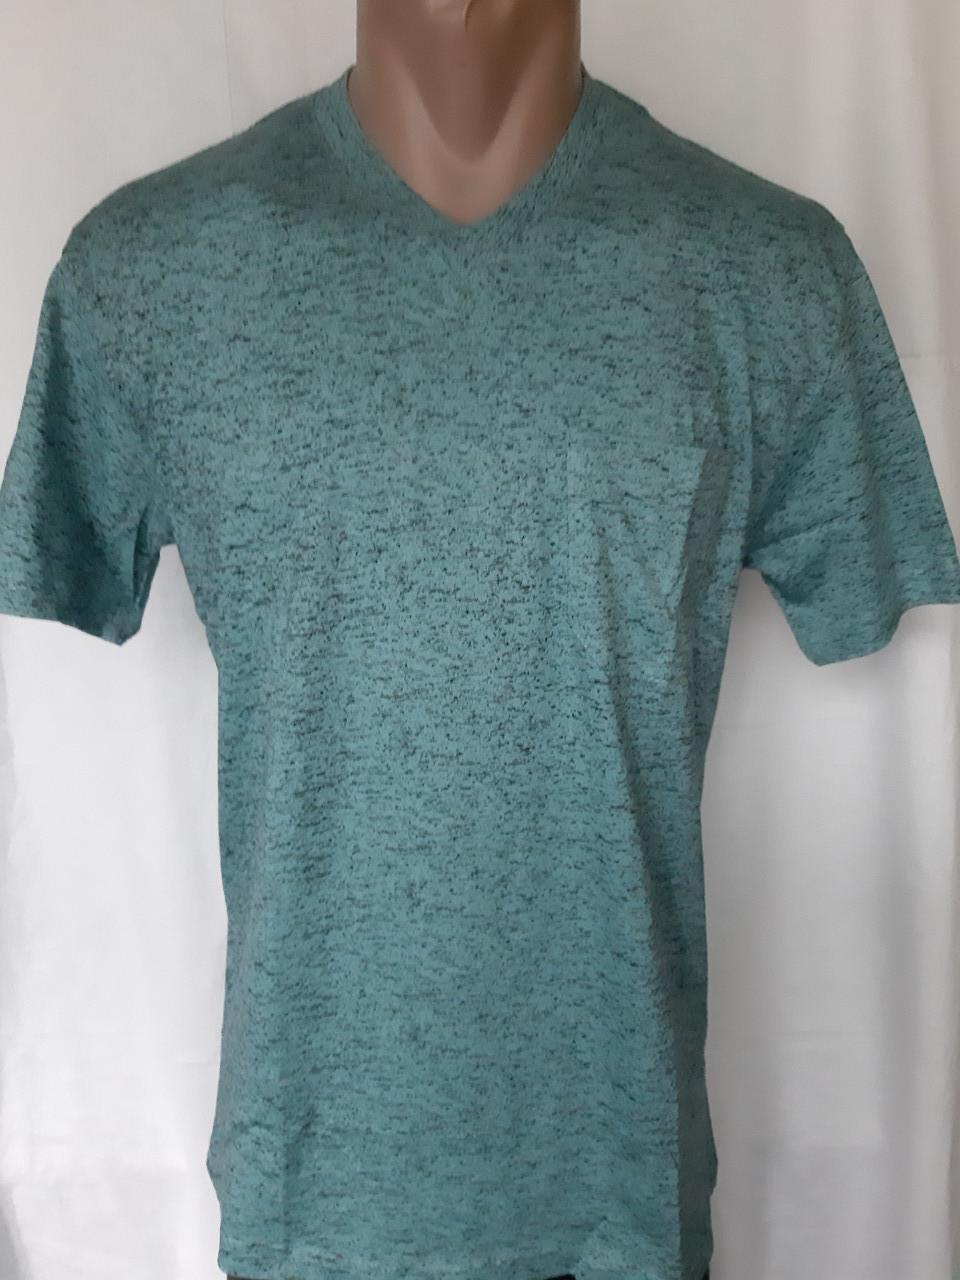 Чоловіча футболка 50 розмір Смарагдовий сніжок